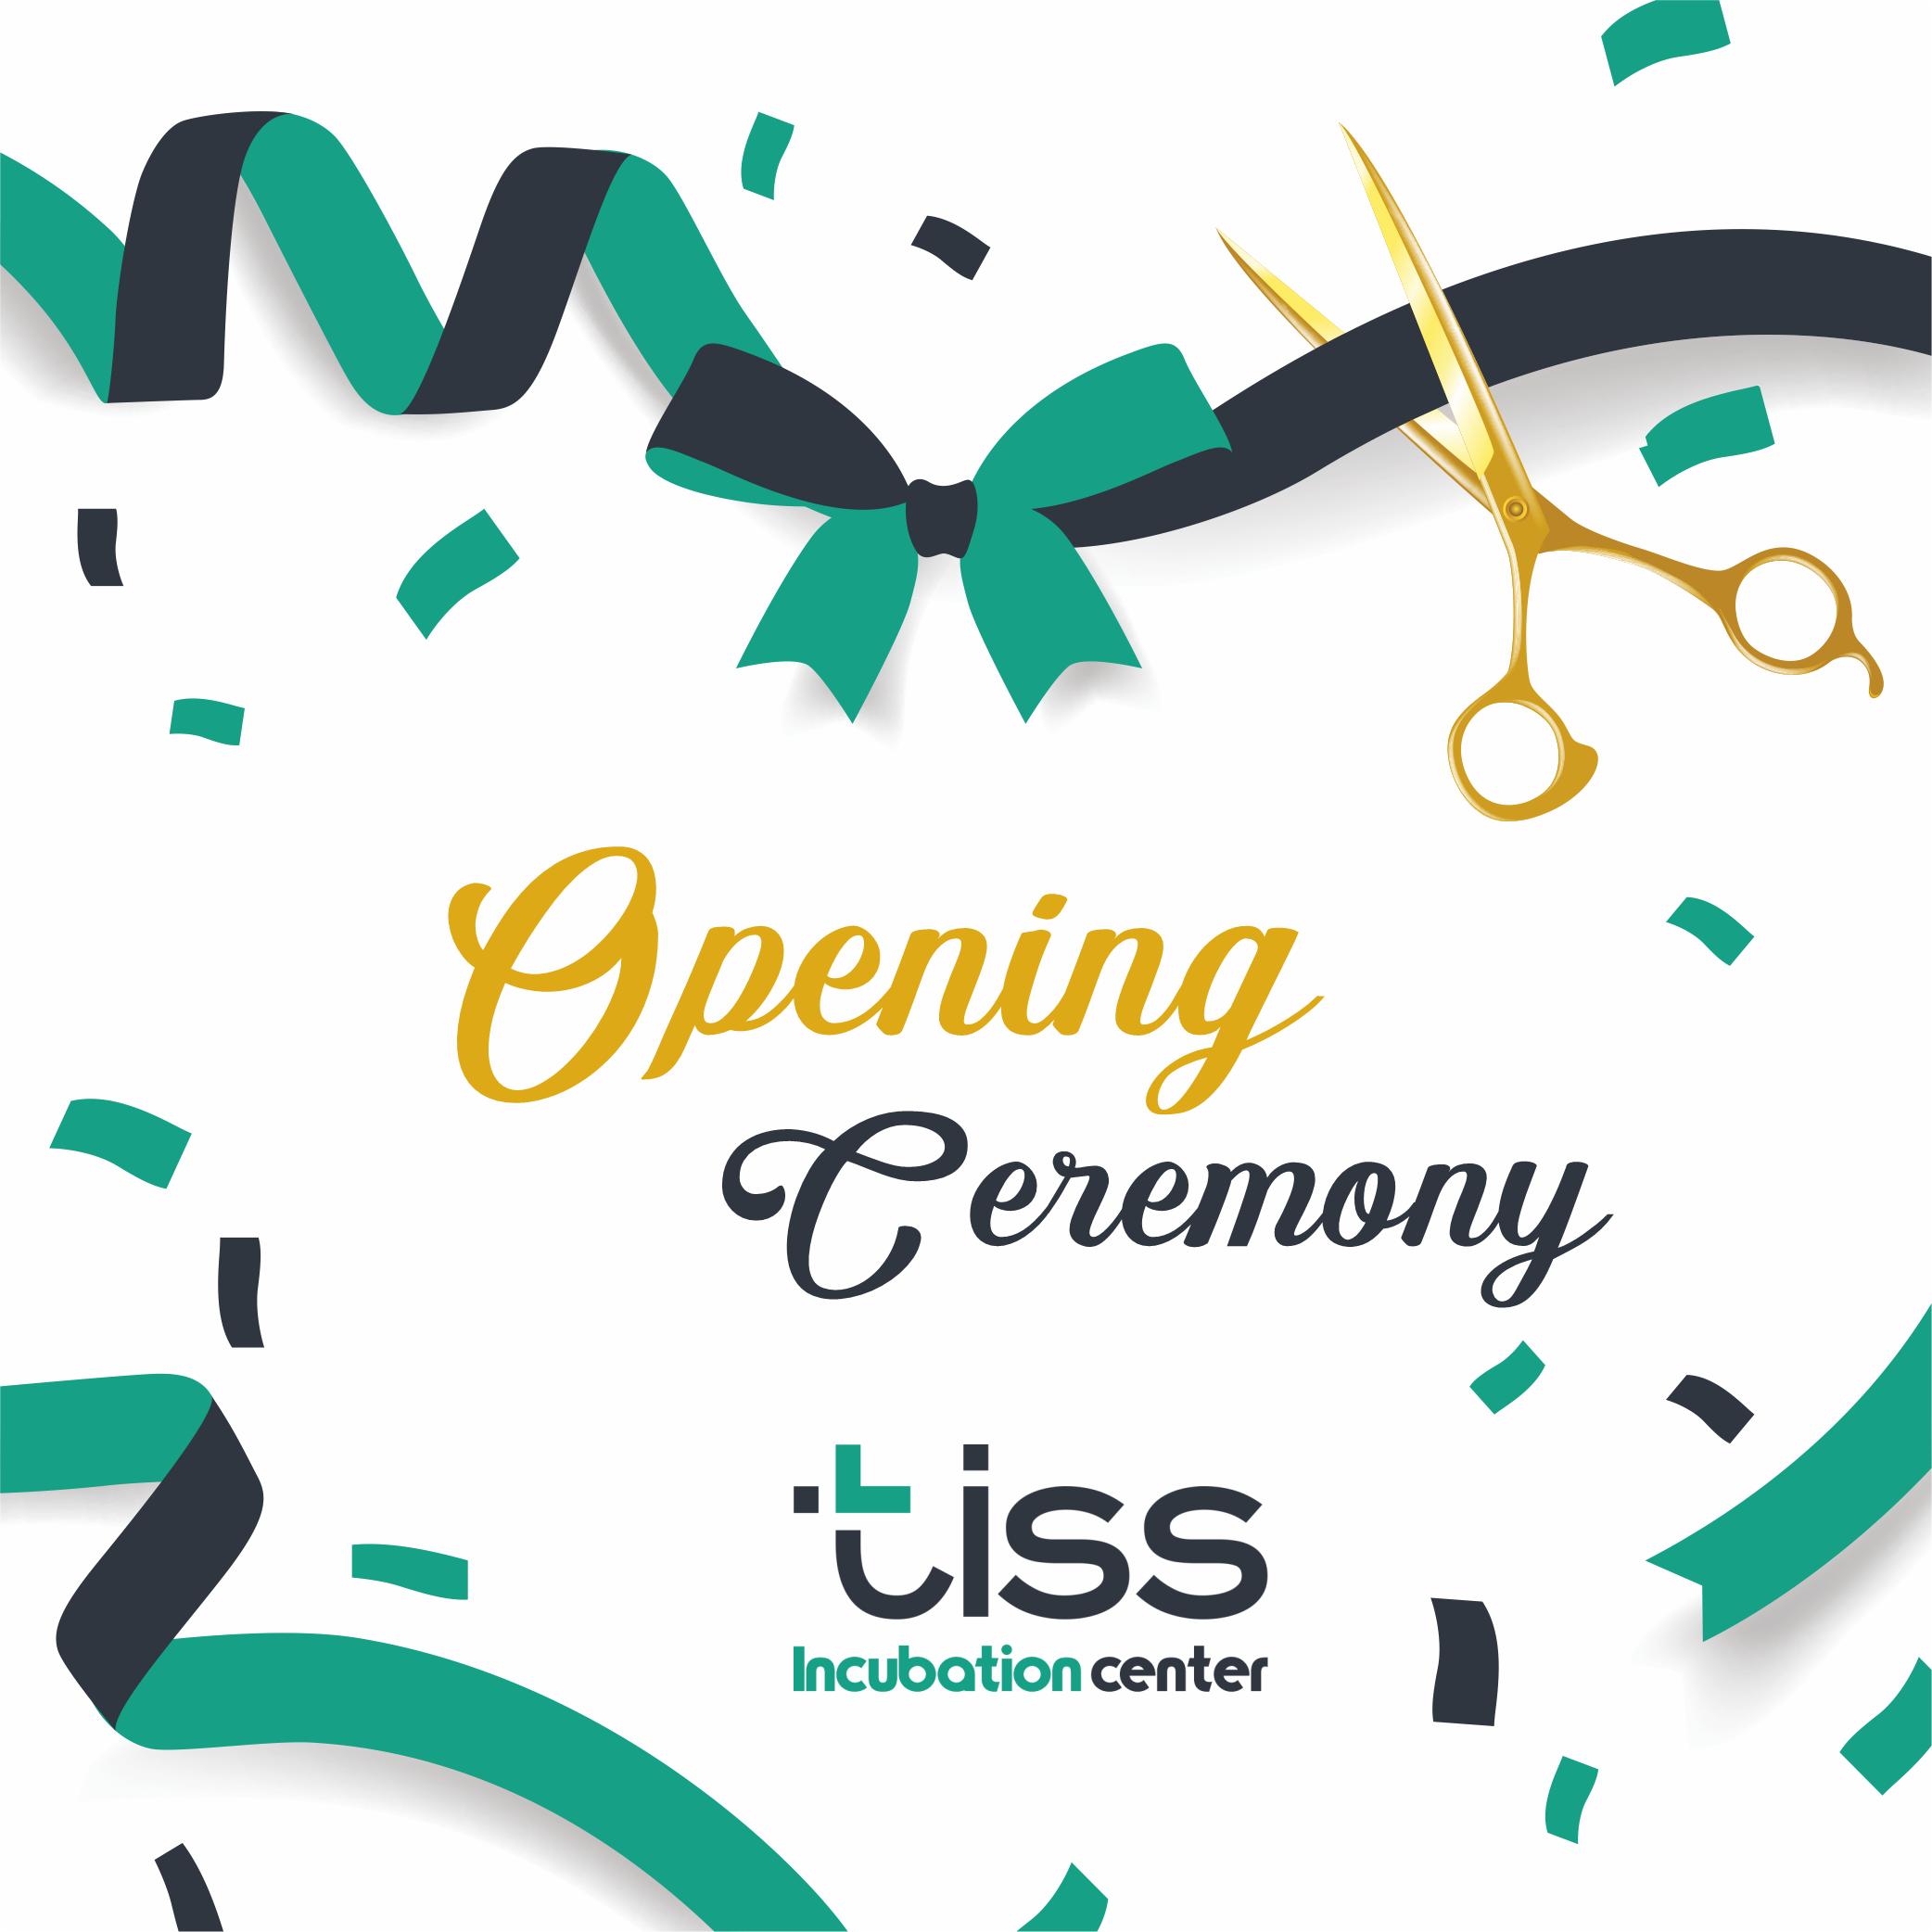 Церемония открытия инкубационного центра TISS